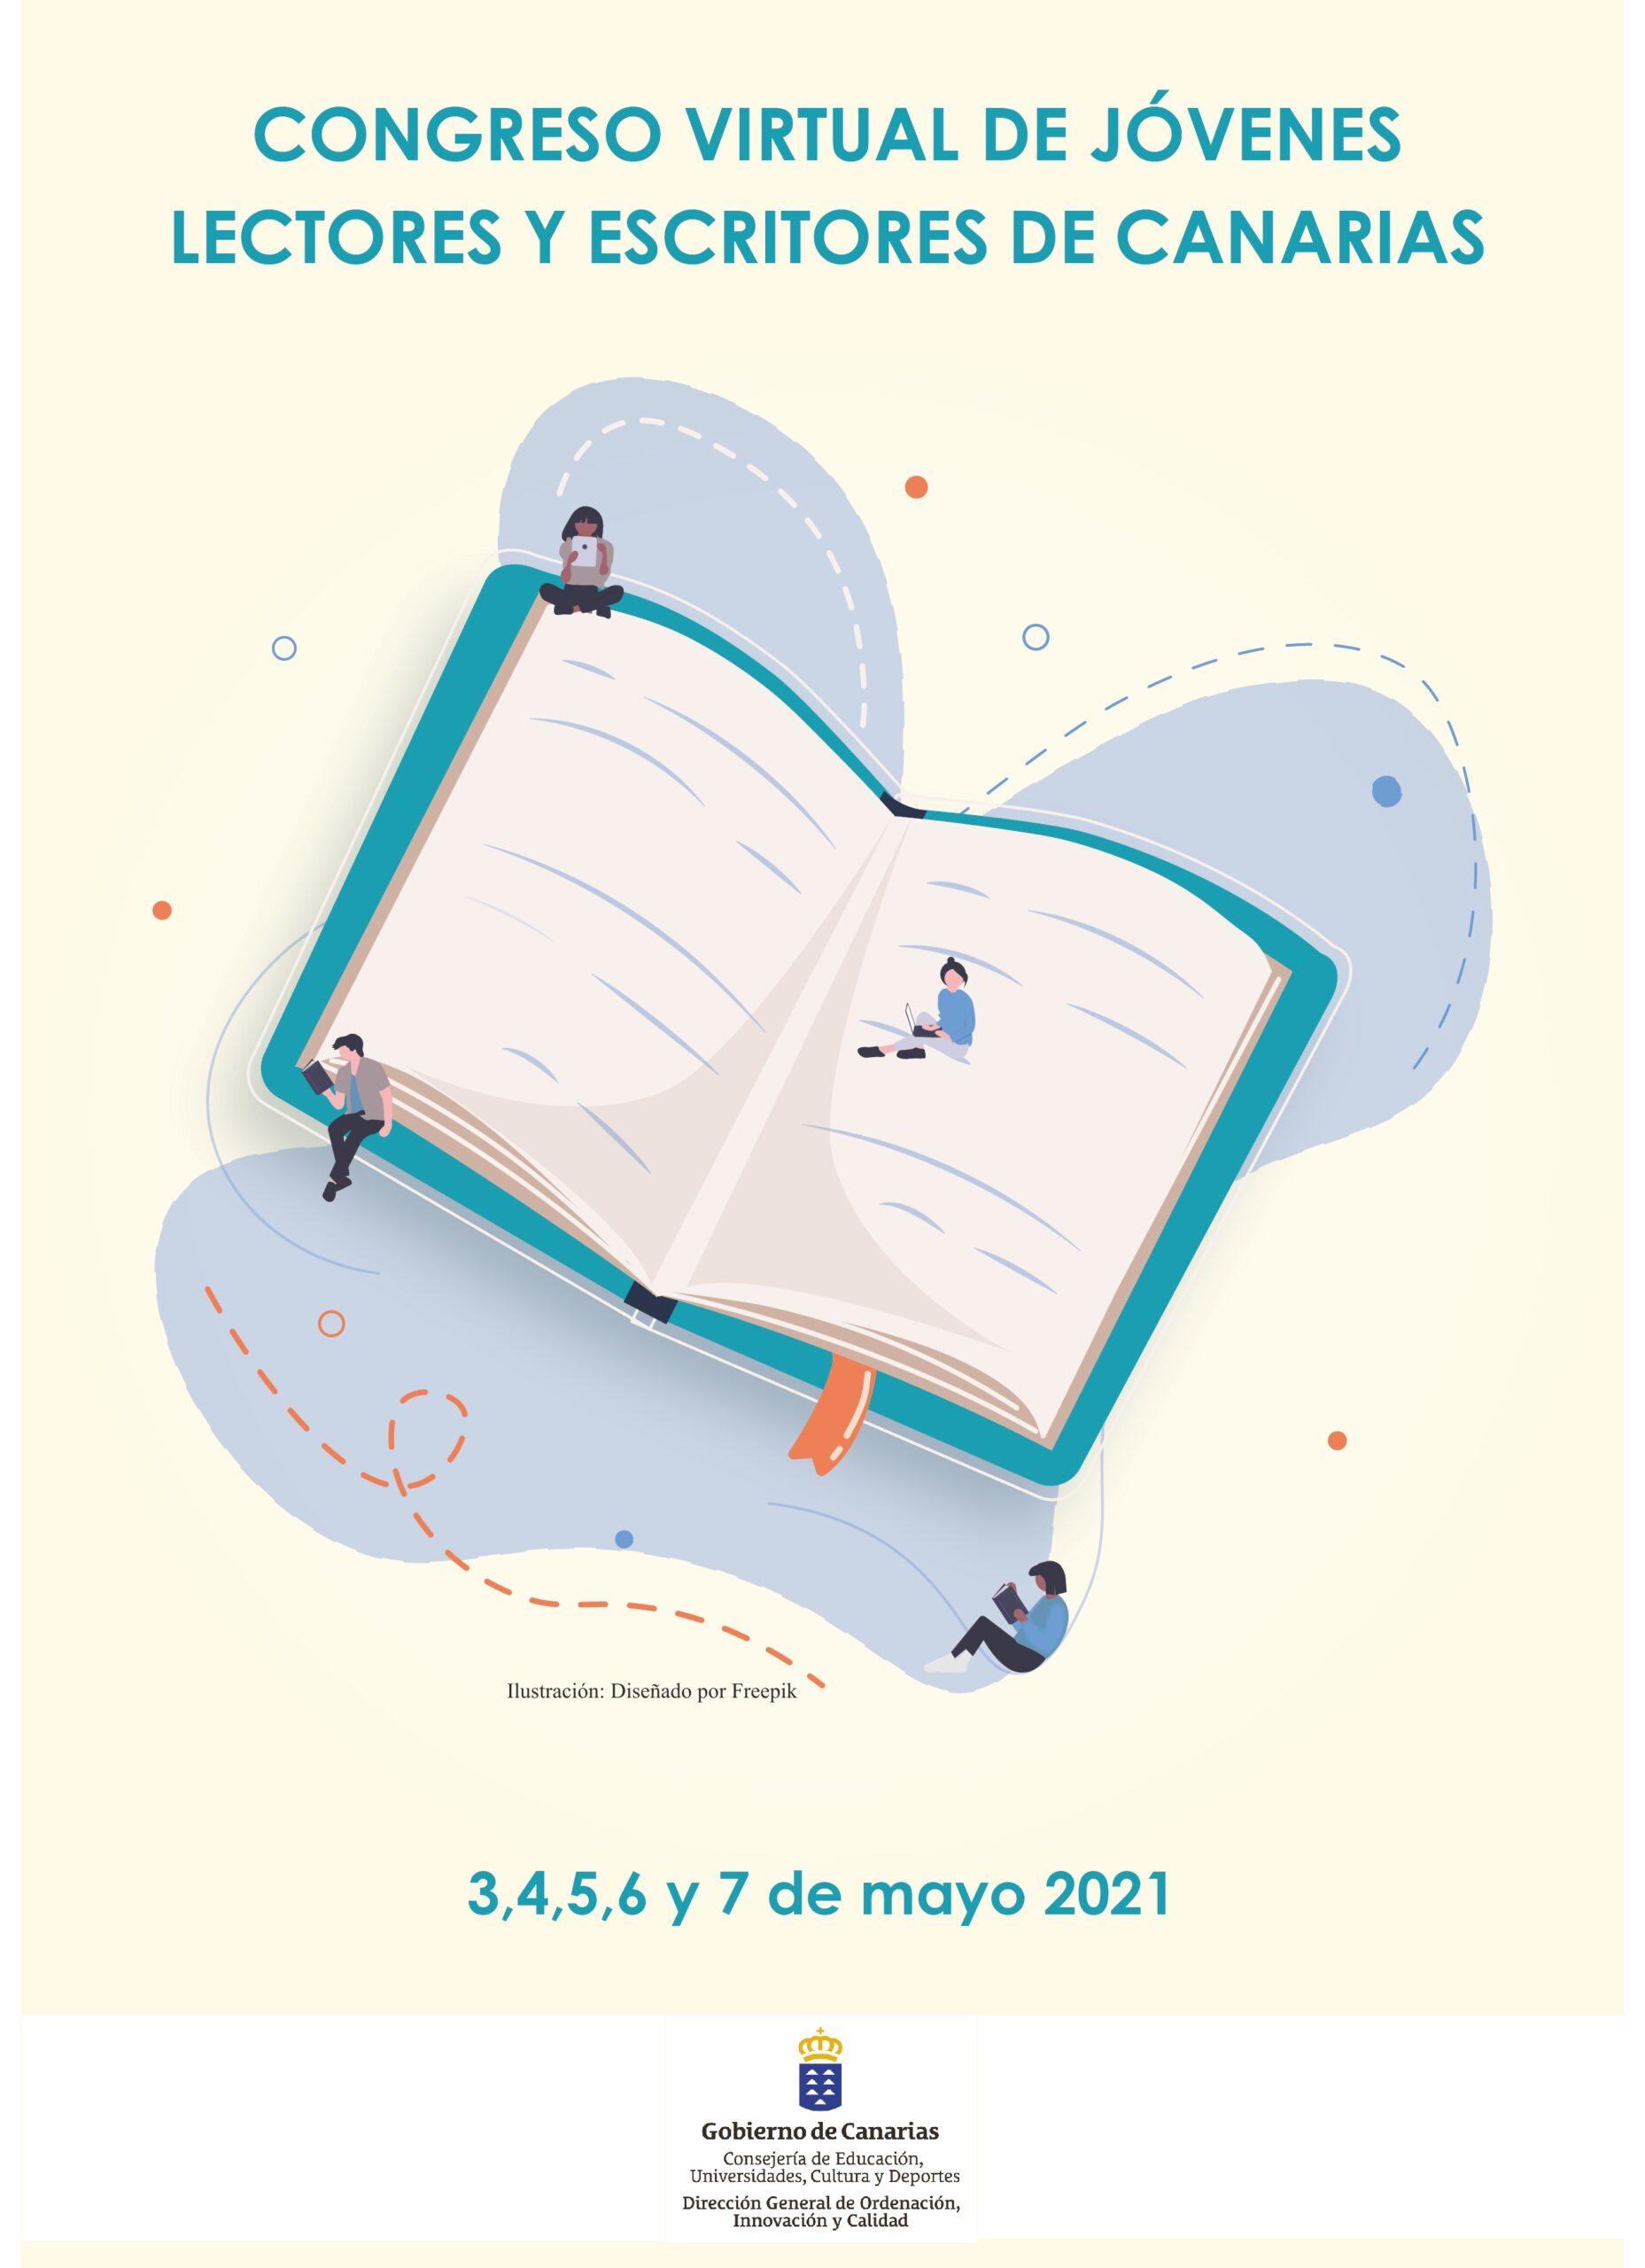 PUBLICADA LA LISTA DE CENTROS ADMITIDOS AL CONGRESO VIRTUAL DE JÓVENES LECTORES Y ESCRITORES DE CANARIAS 2021